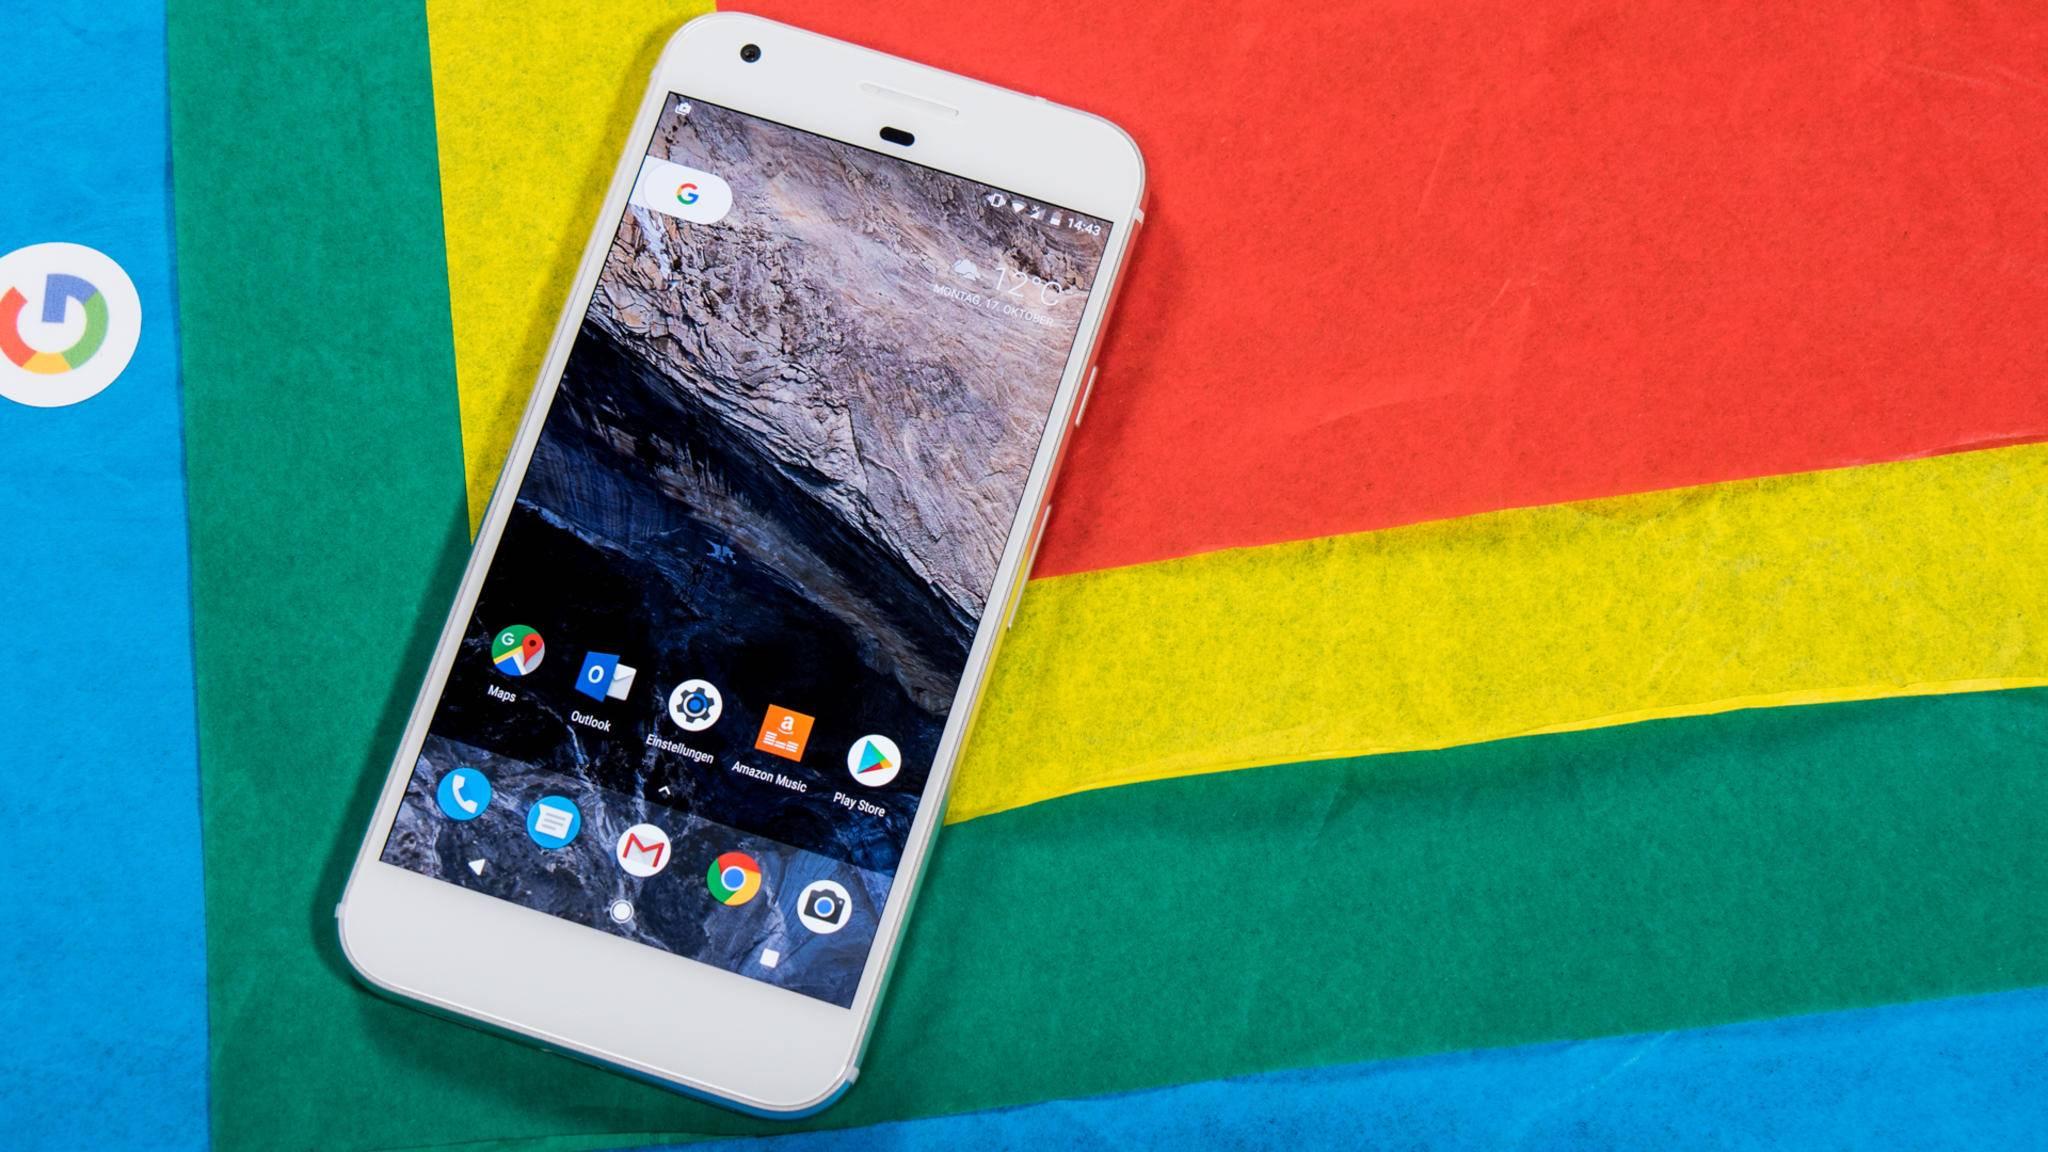 Du kannst das Google Pixel XL mit Apps teilweise nachbauen.